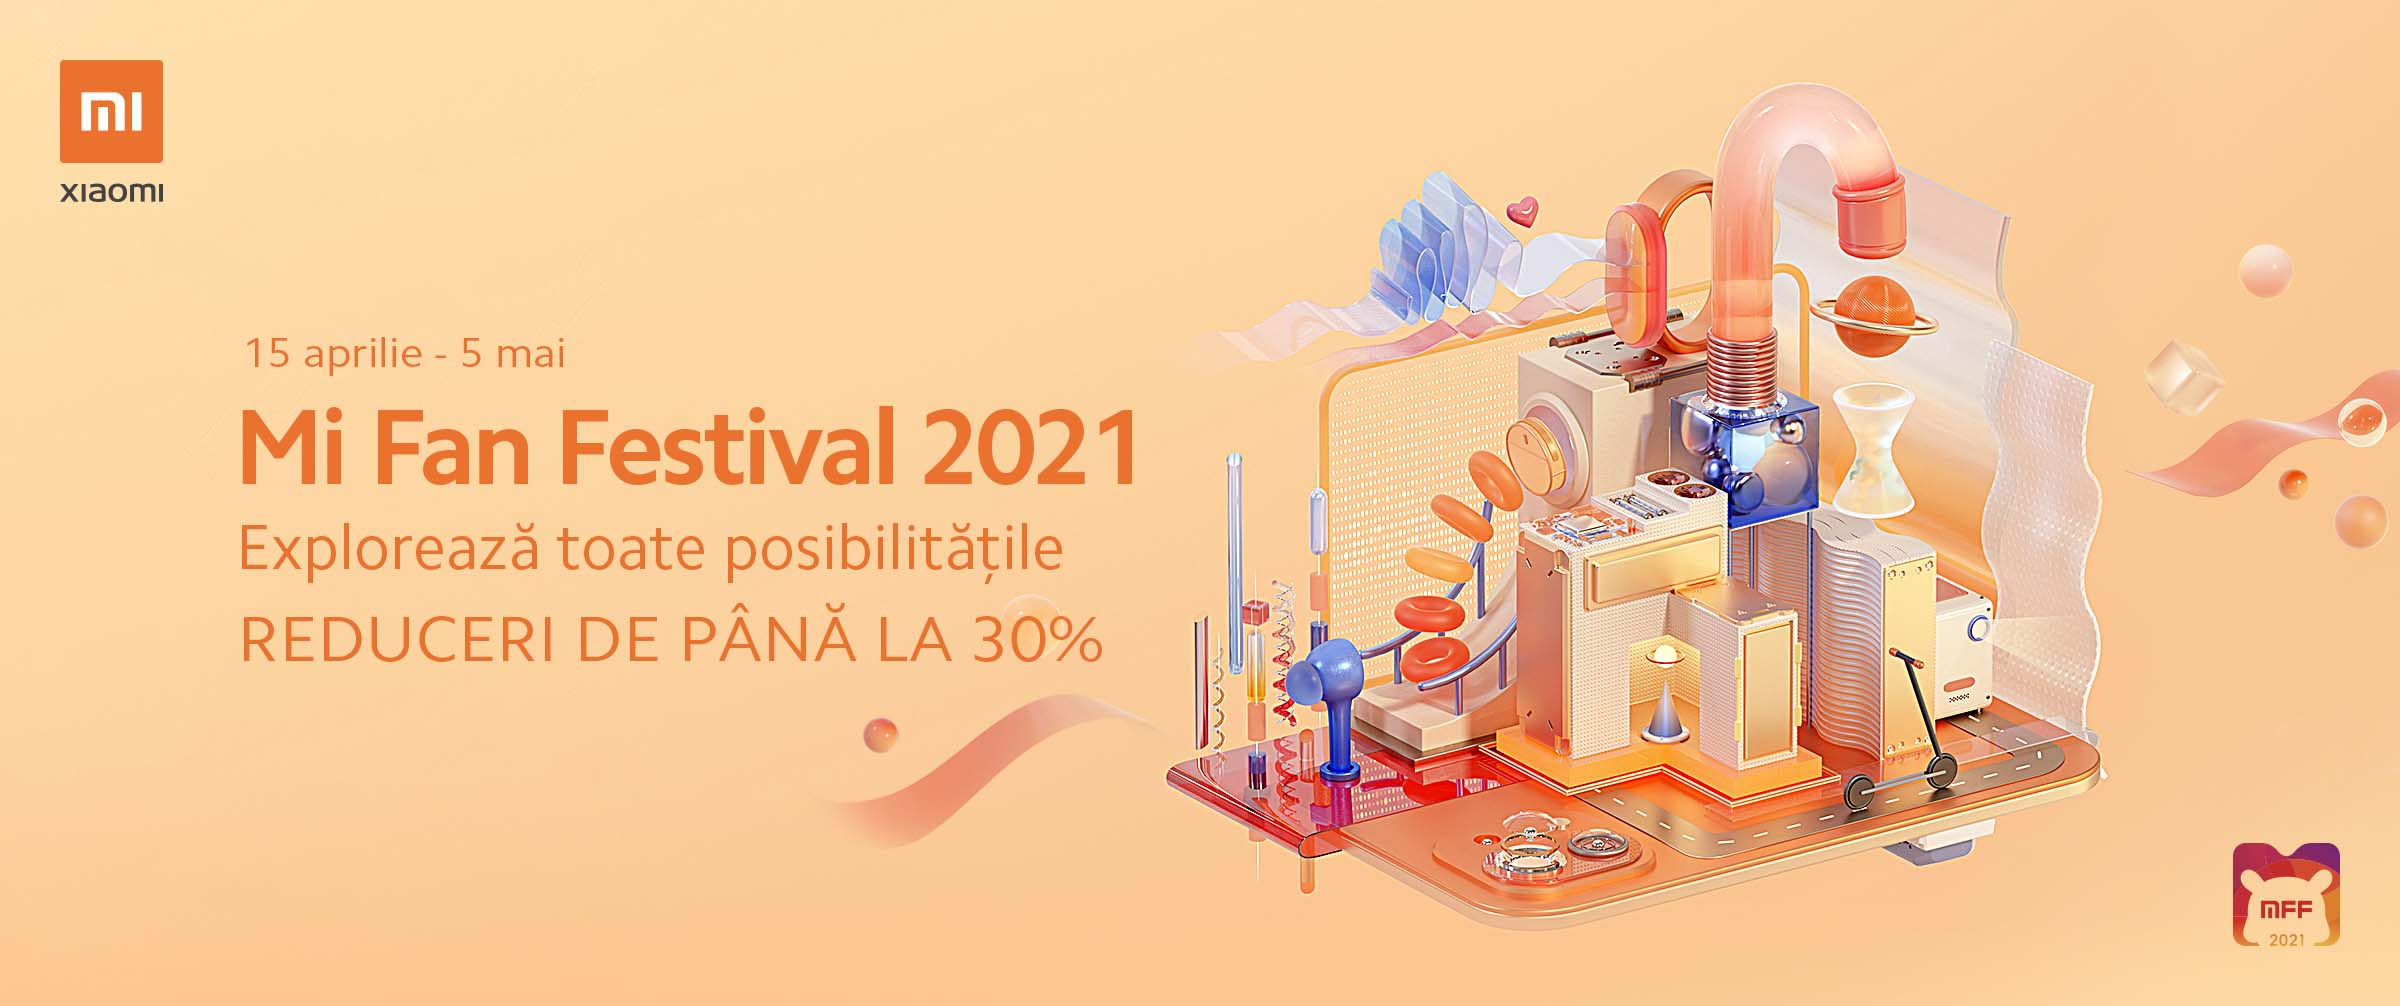 Xiaomi dă startul Mi Fan Festival 2021